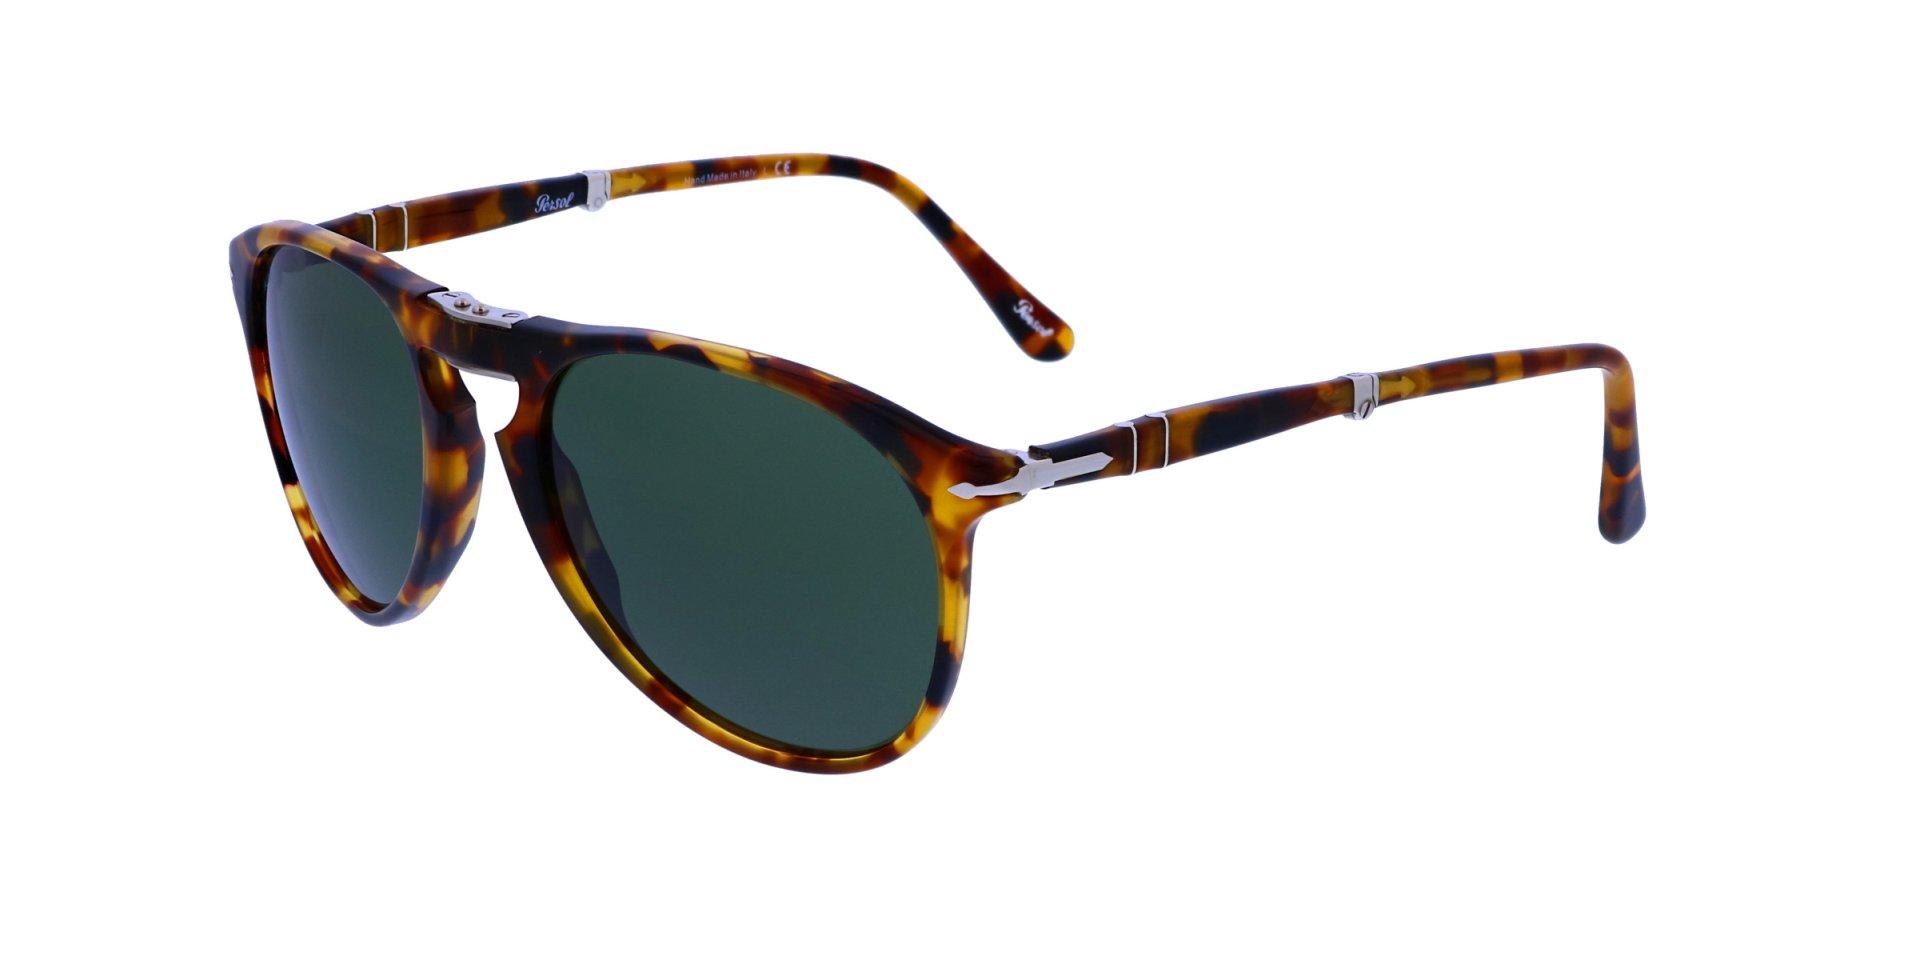 13de3c81a2 Sunglasses PERSOL